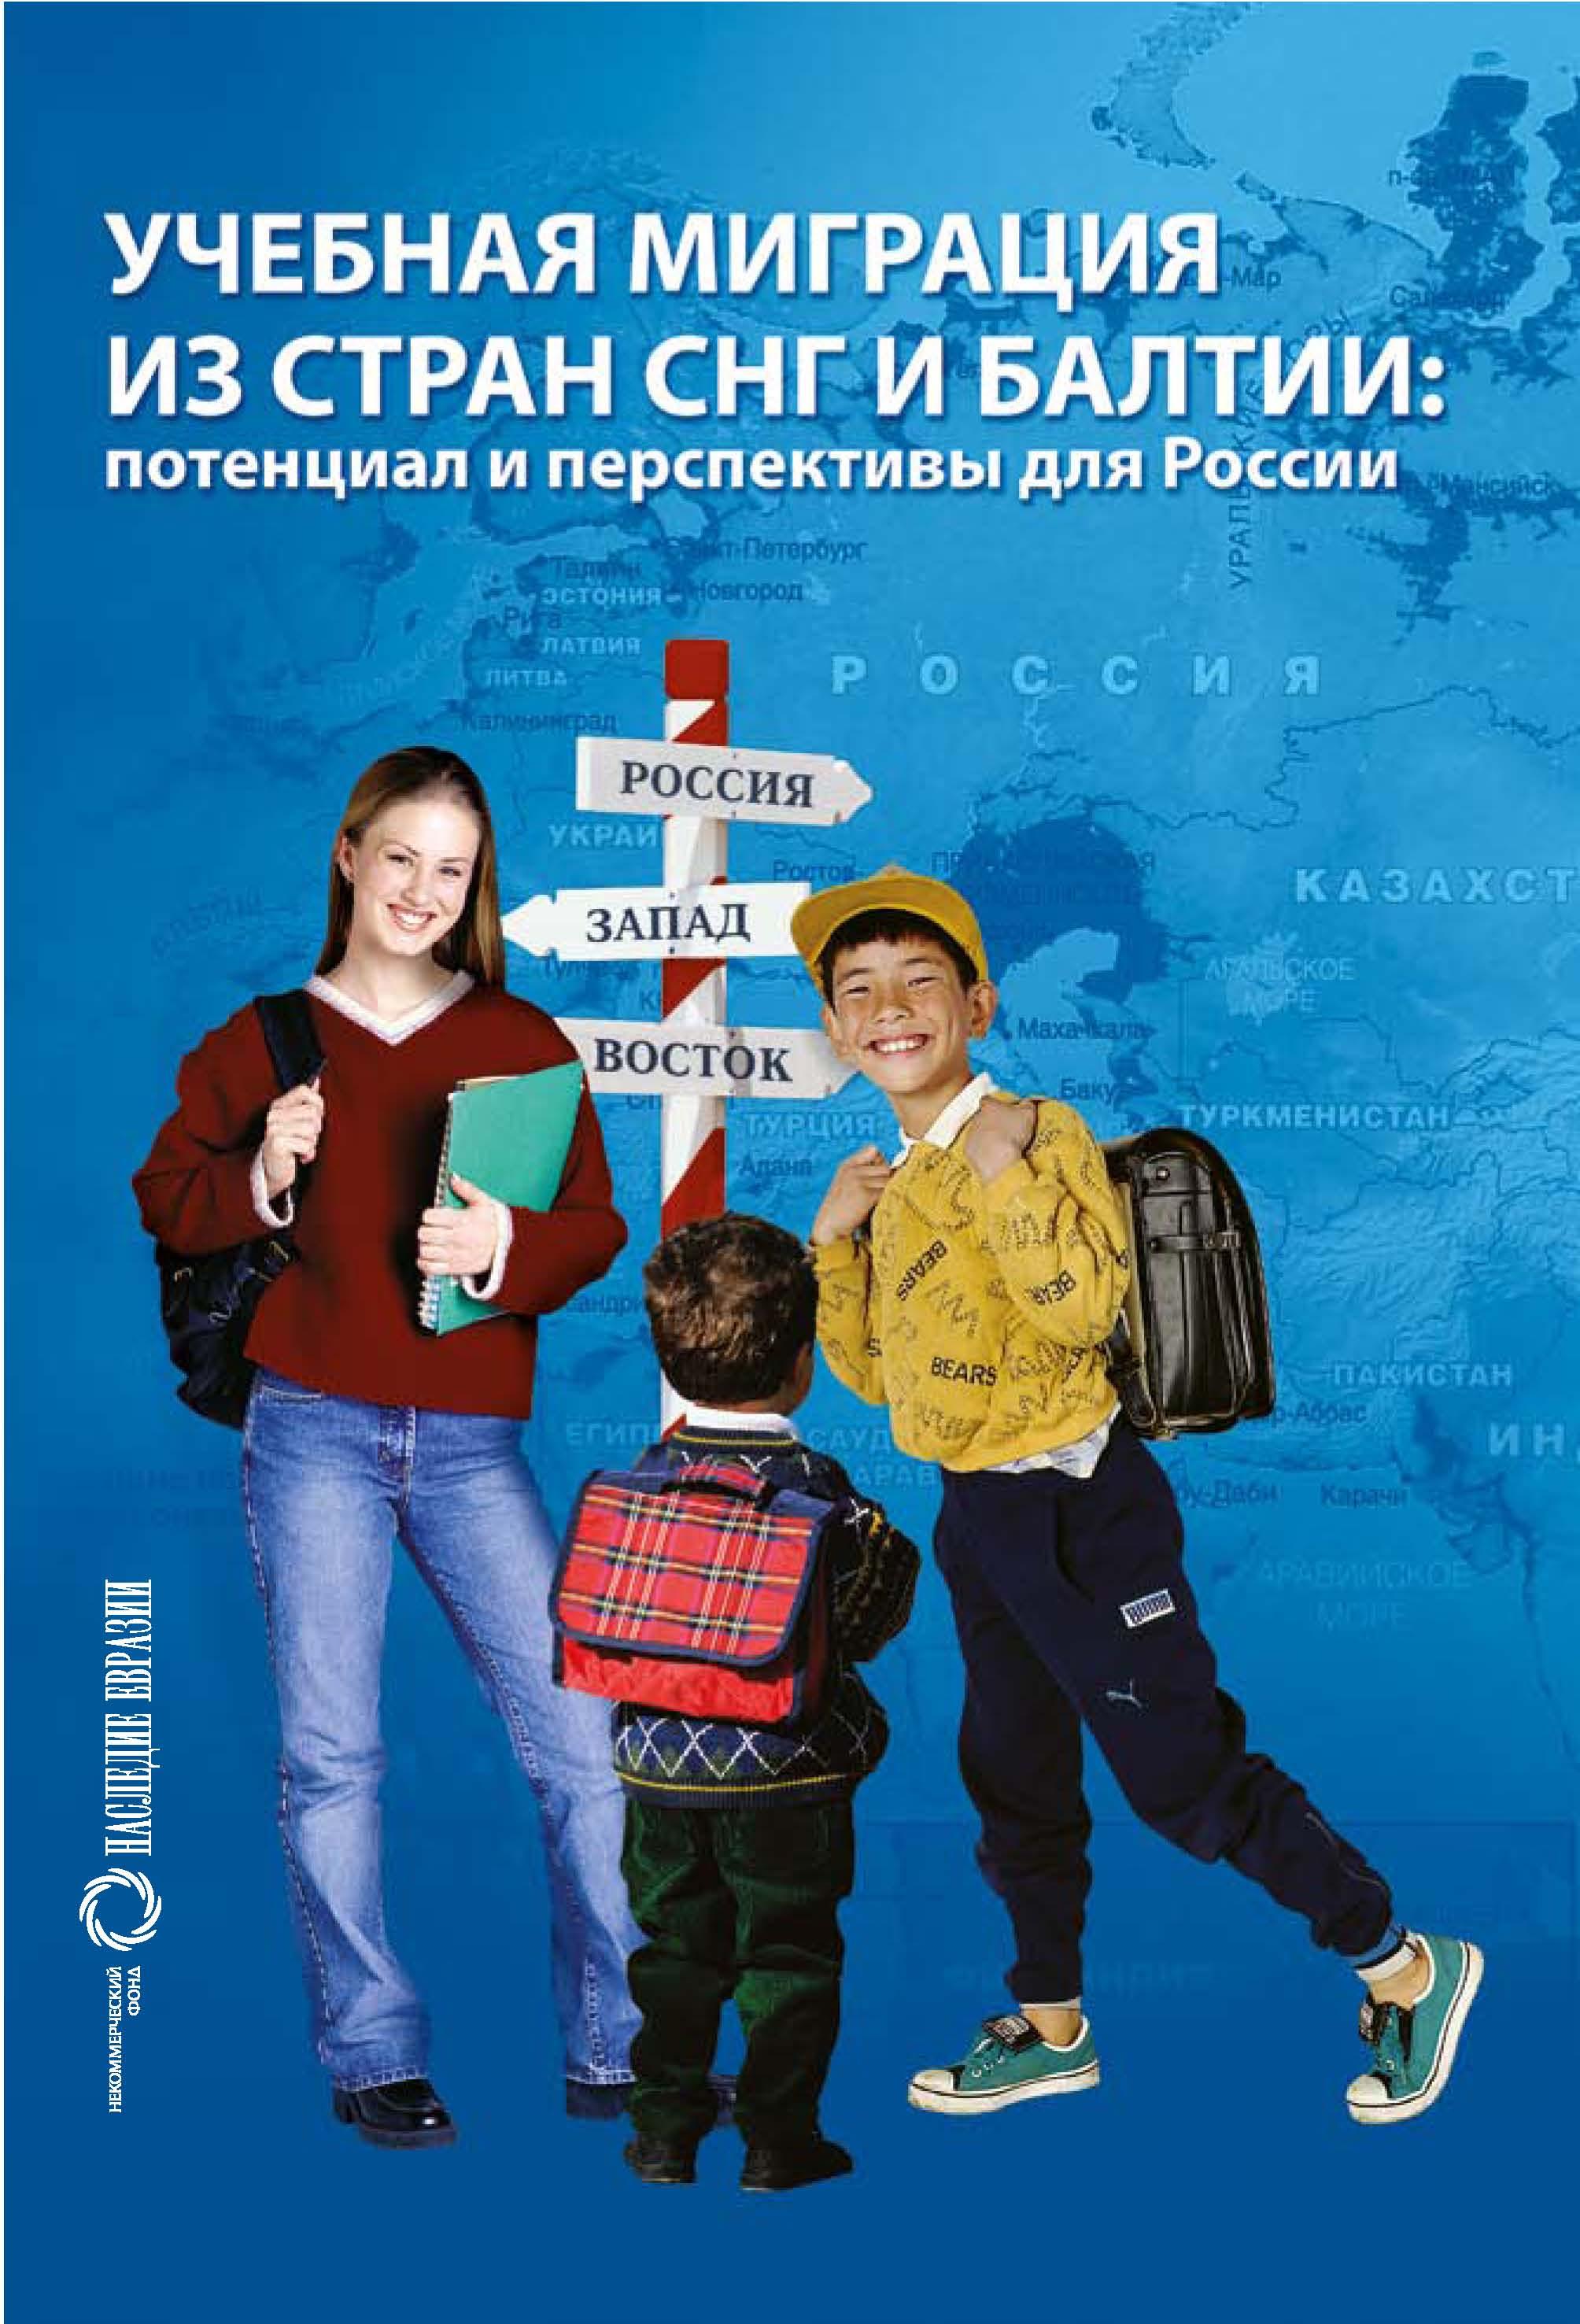 Учебная миграция из стран СНГ и Балтии: потенциал и перспективы для России